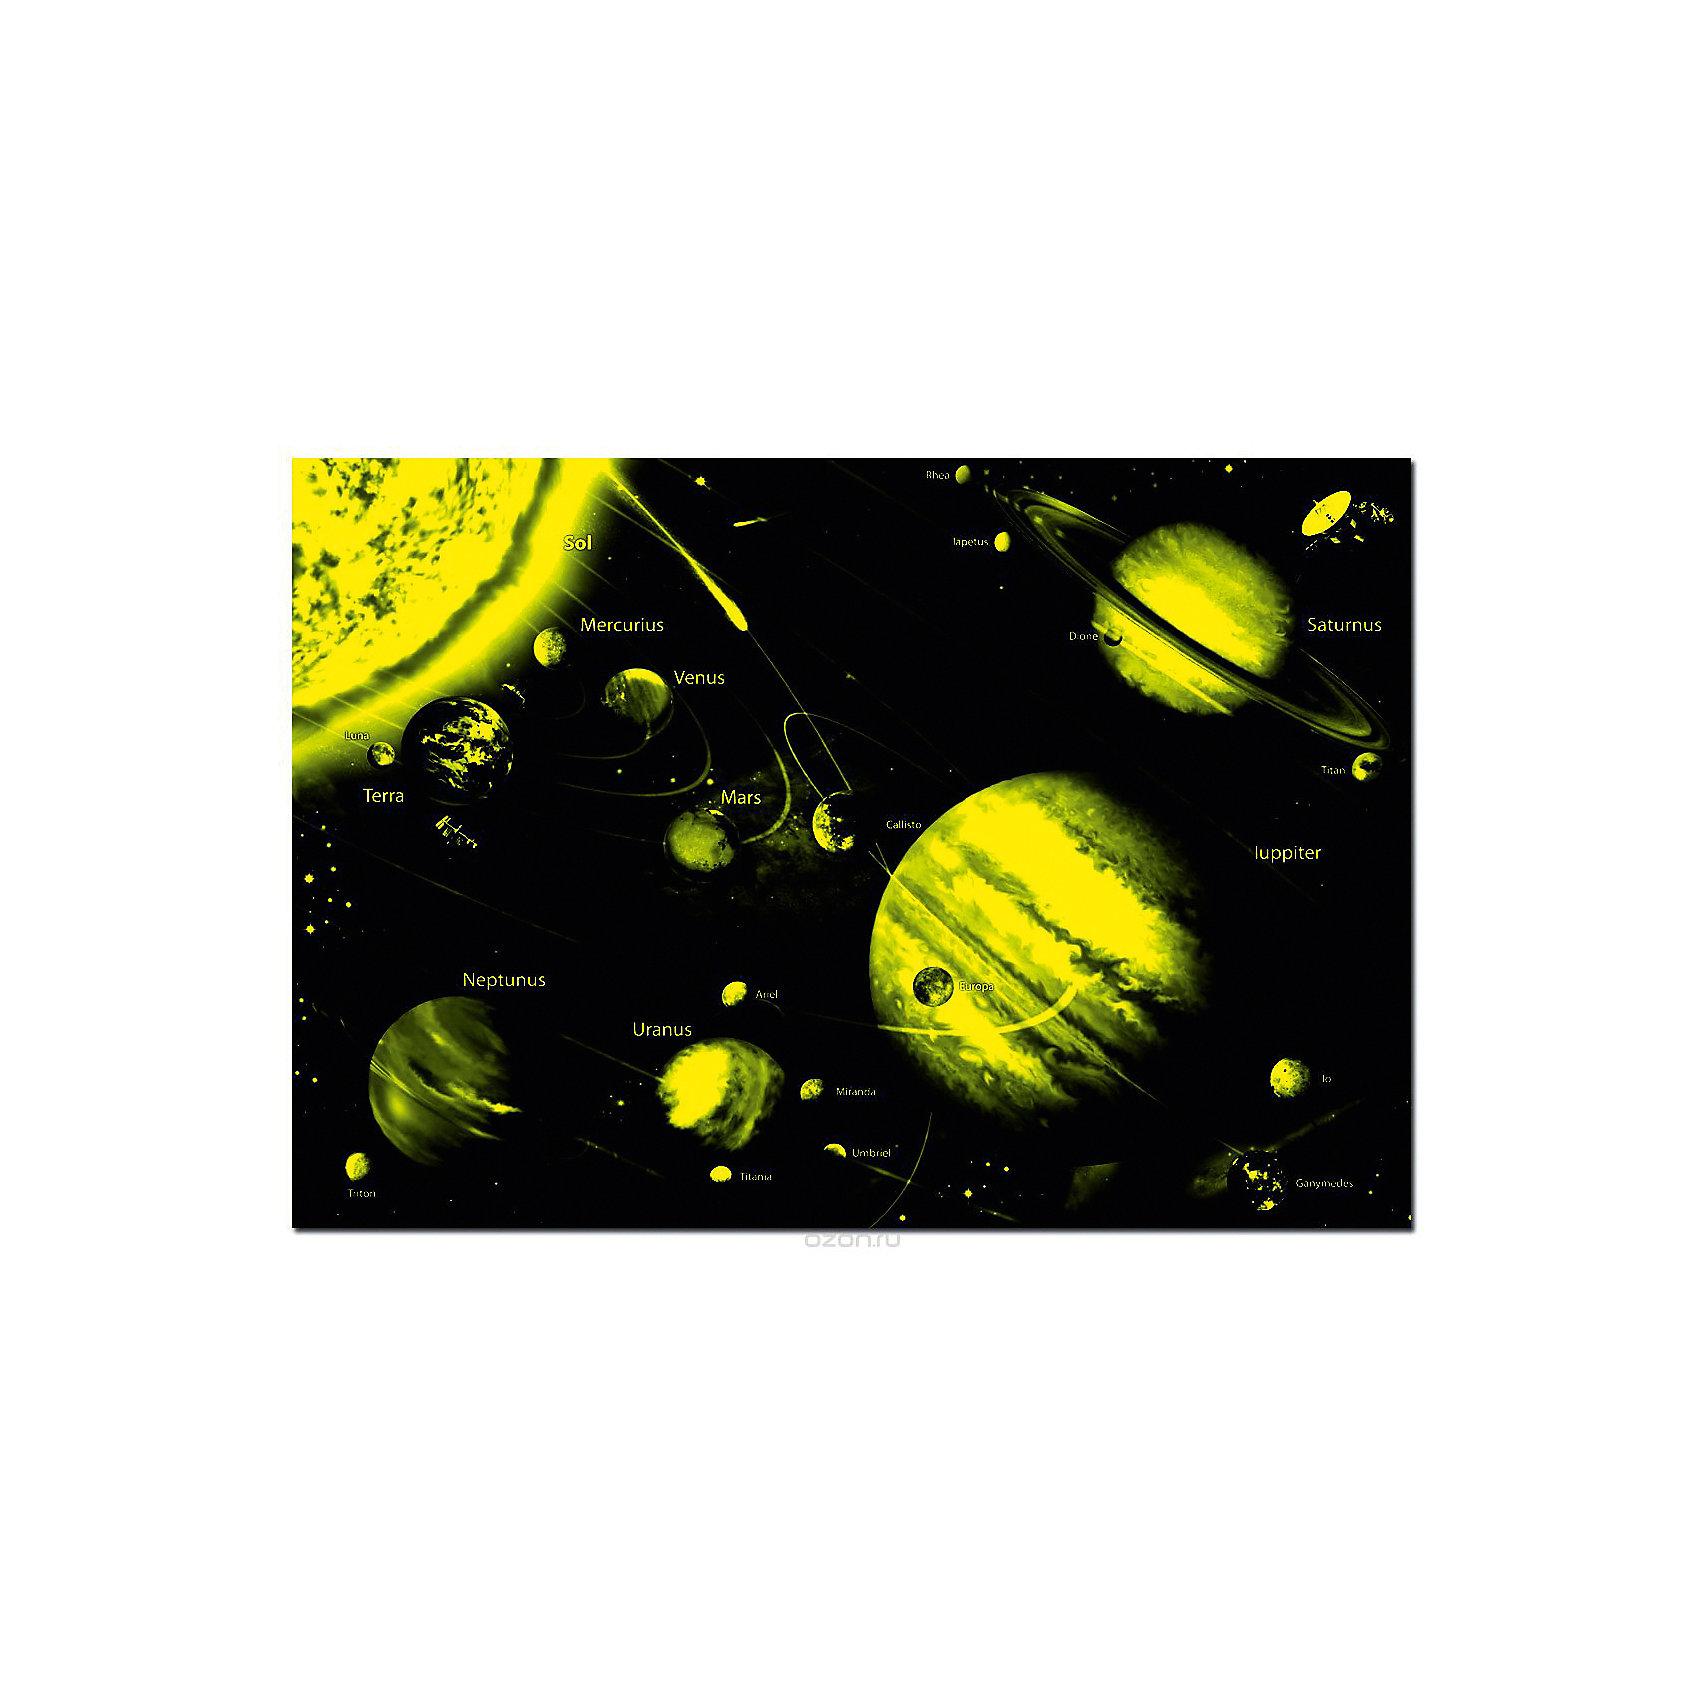 Пазл Солнечная система с неоновым свечением, 1000 деталей , EducaПазлы для детей постарше<br><br><br>Ширина мм: 370<br>Глубина мм: 55<br>Высота мм: 270<br>Вес г: 760<br>Возраст от месяцев: 36<br>Возраст до месяцев: 2147483647<br>Пол: Унисекс<br>Возраст: Детский<br>SKU: 6999028